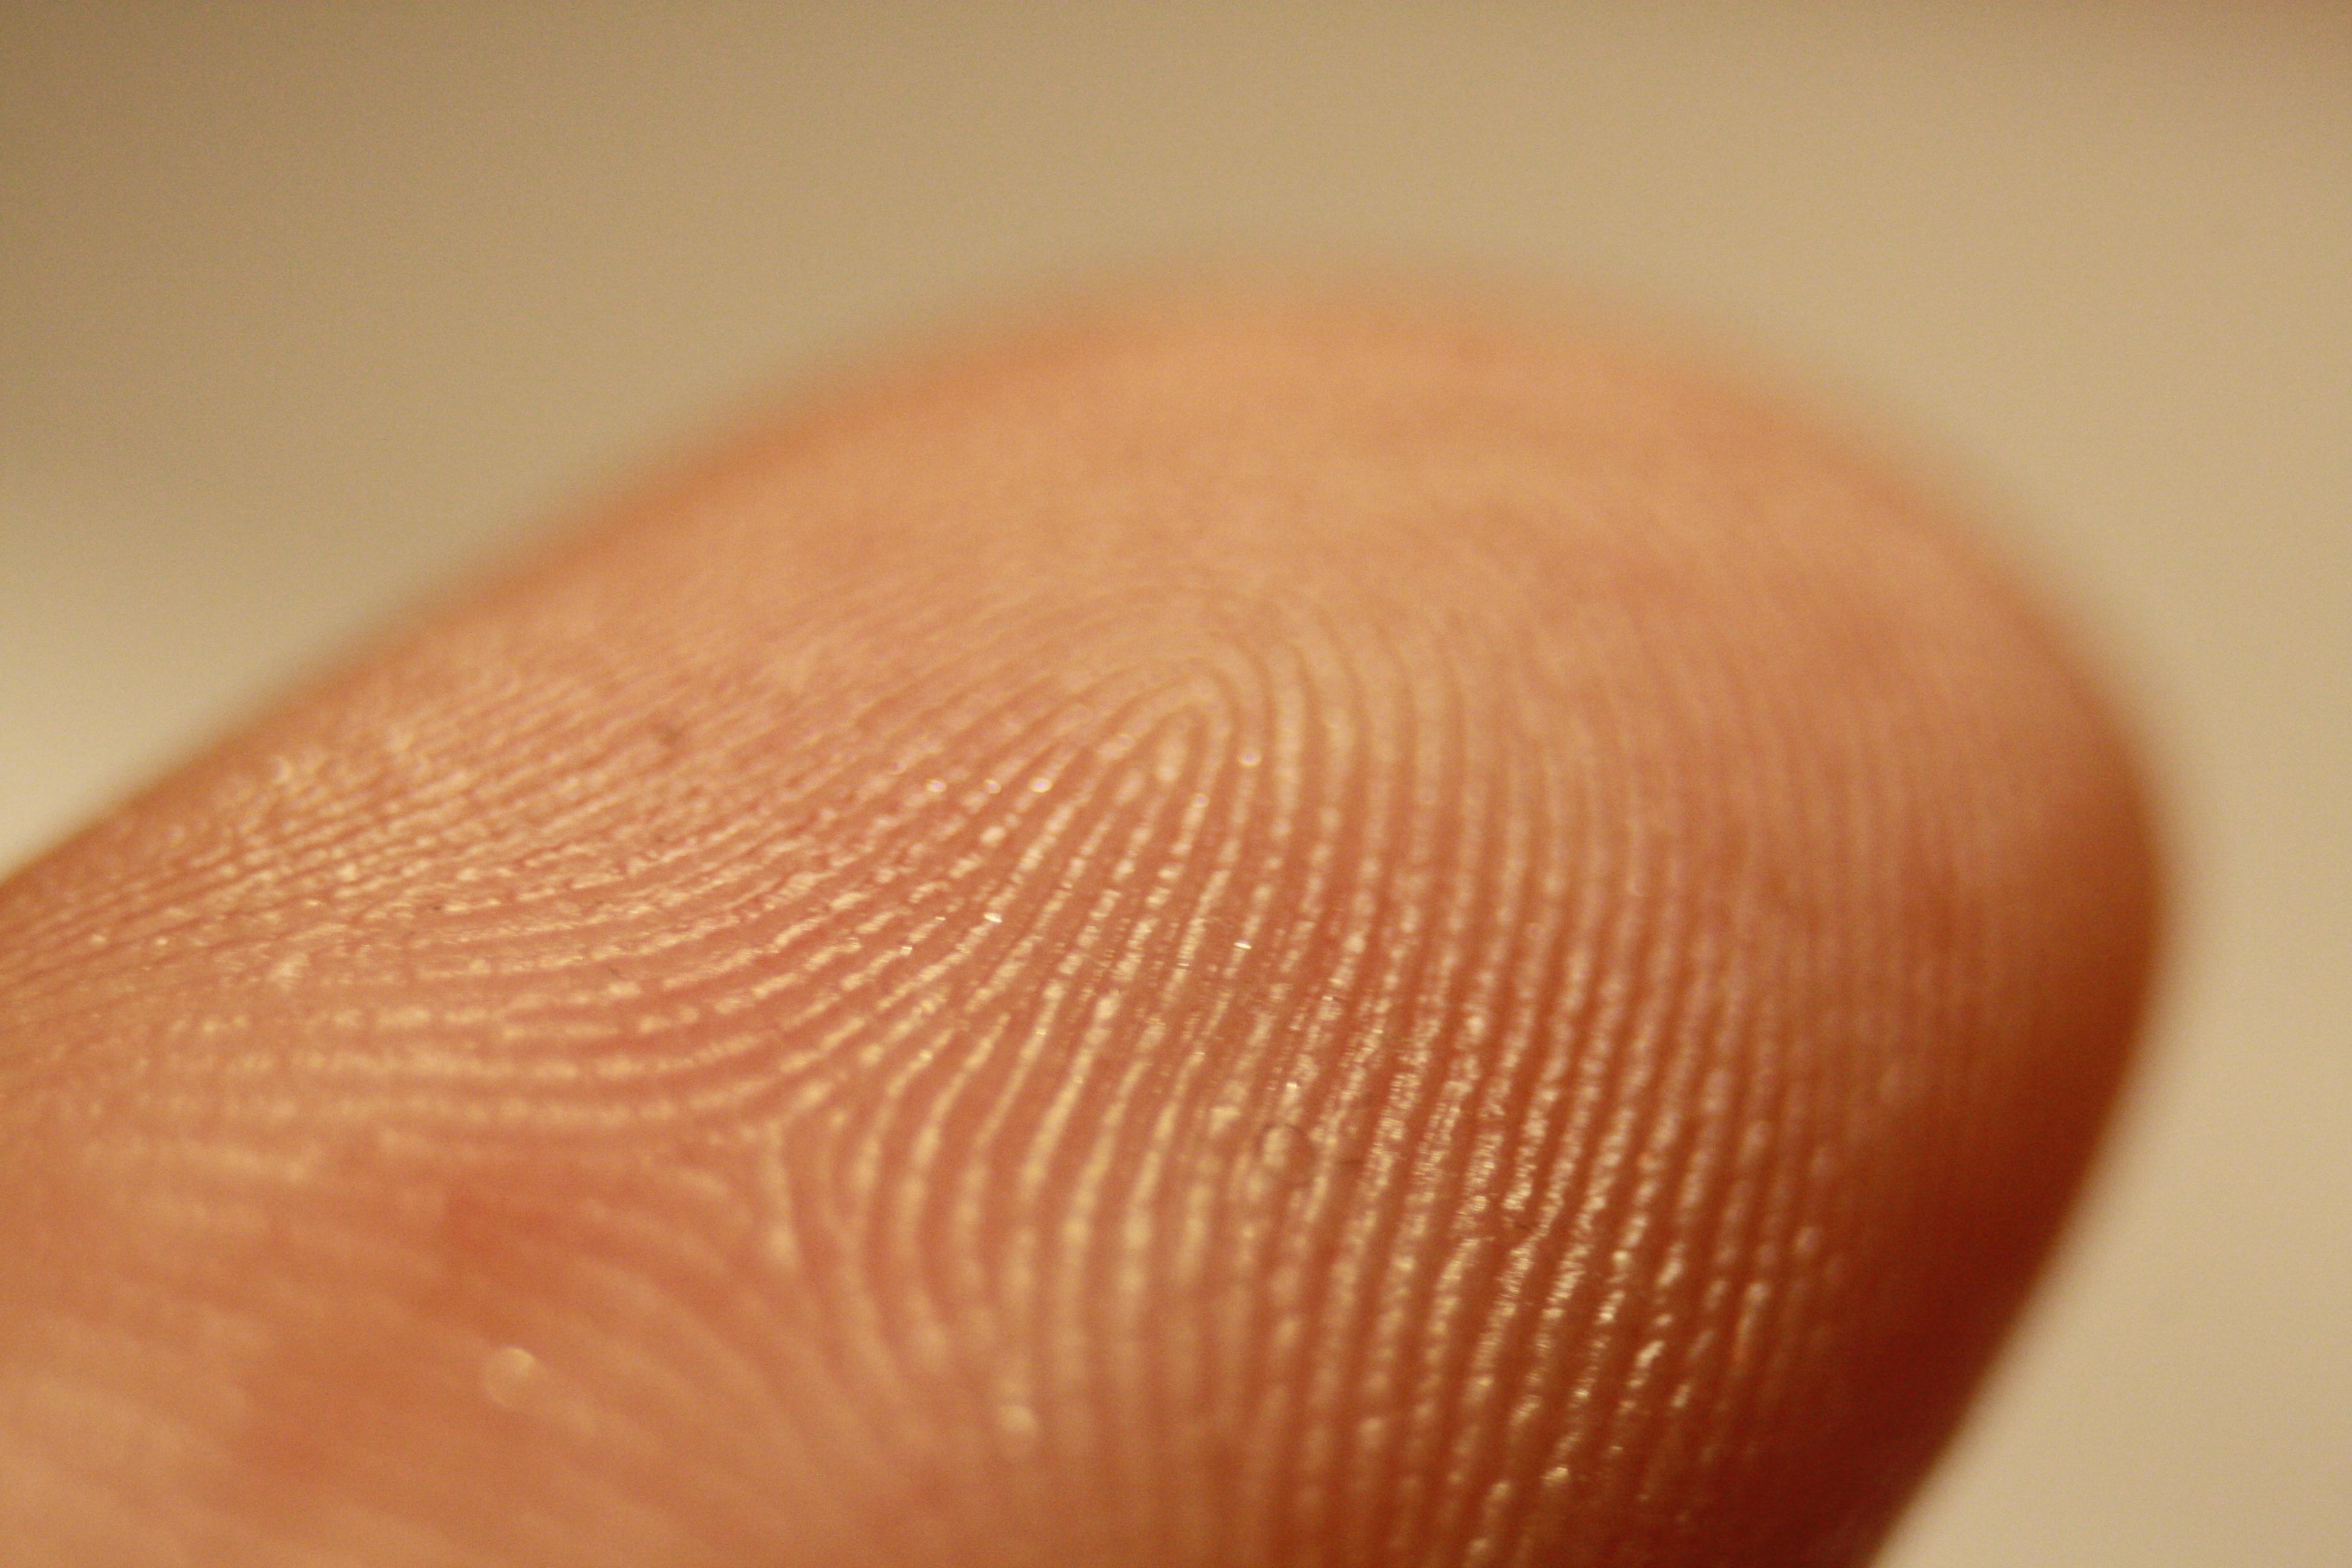 Logran determinar si una huella dactilar pertenece a un hombre o a una mujer